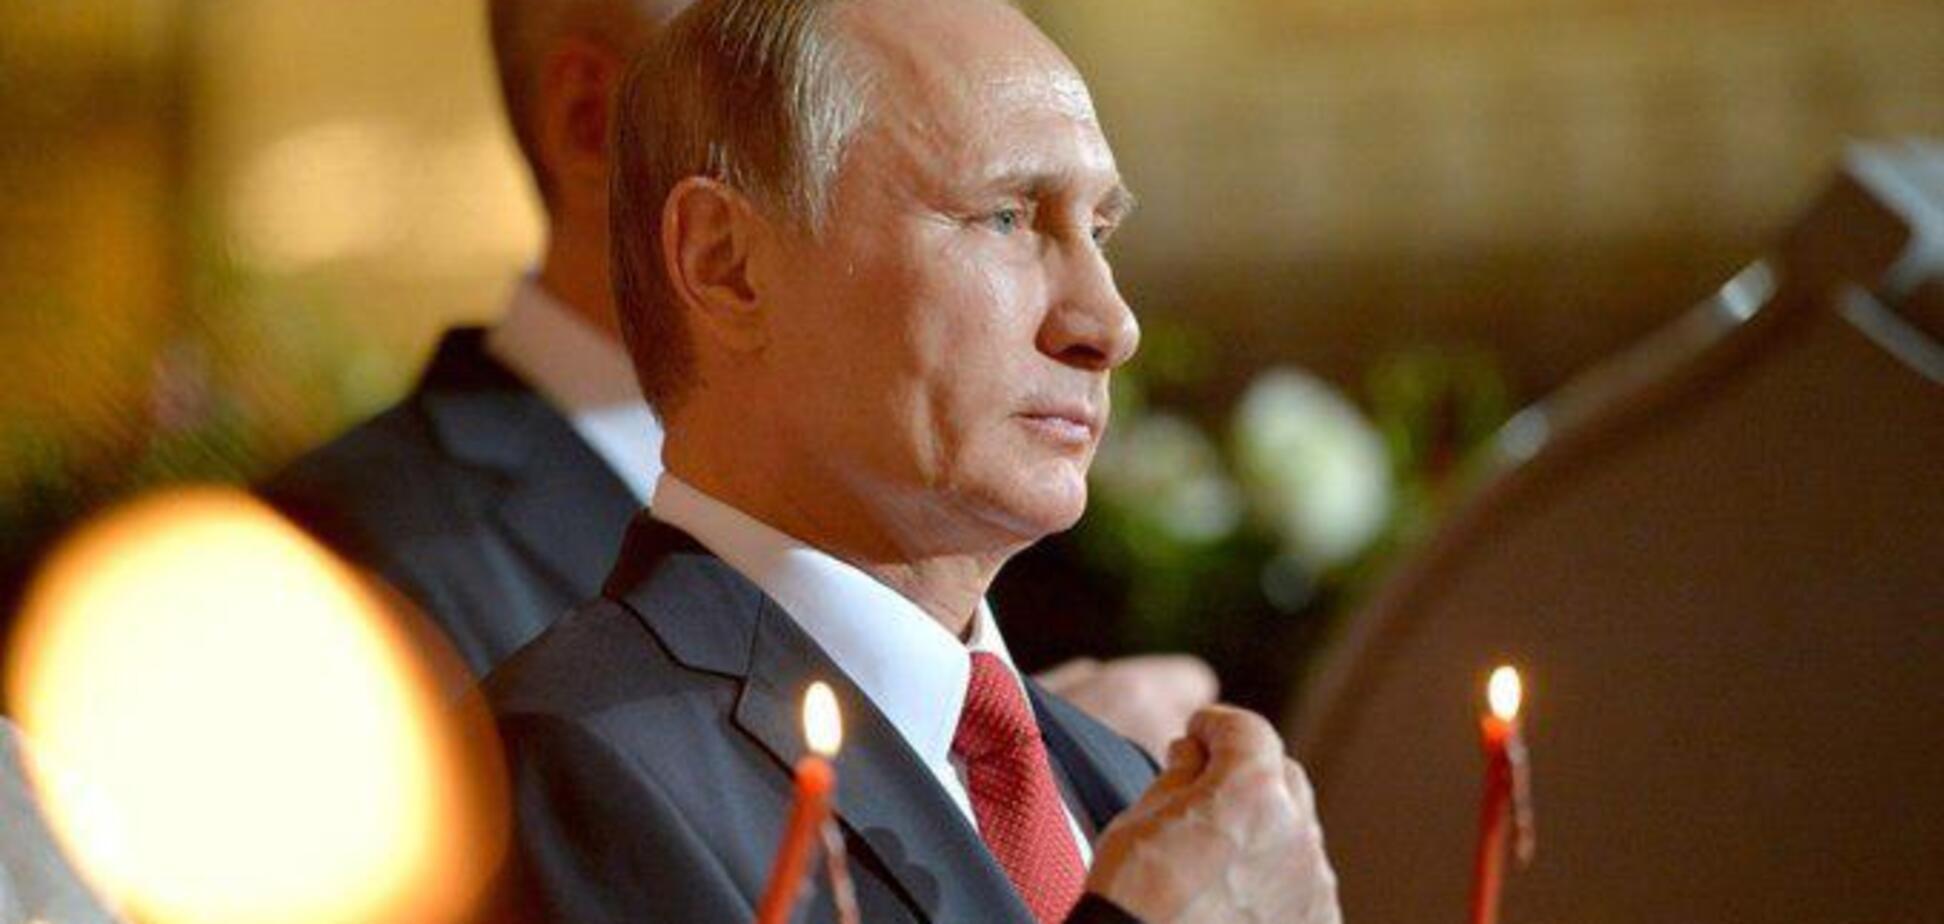 'Это частное мероприятие': Путин попал в скандал из-за свадьбы